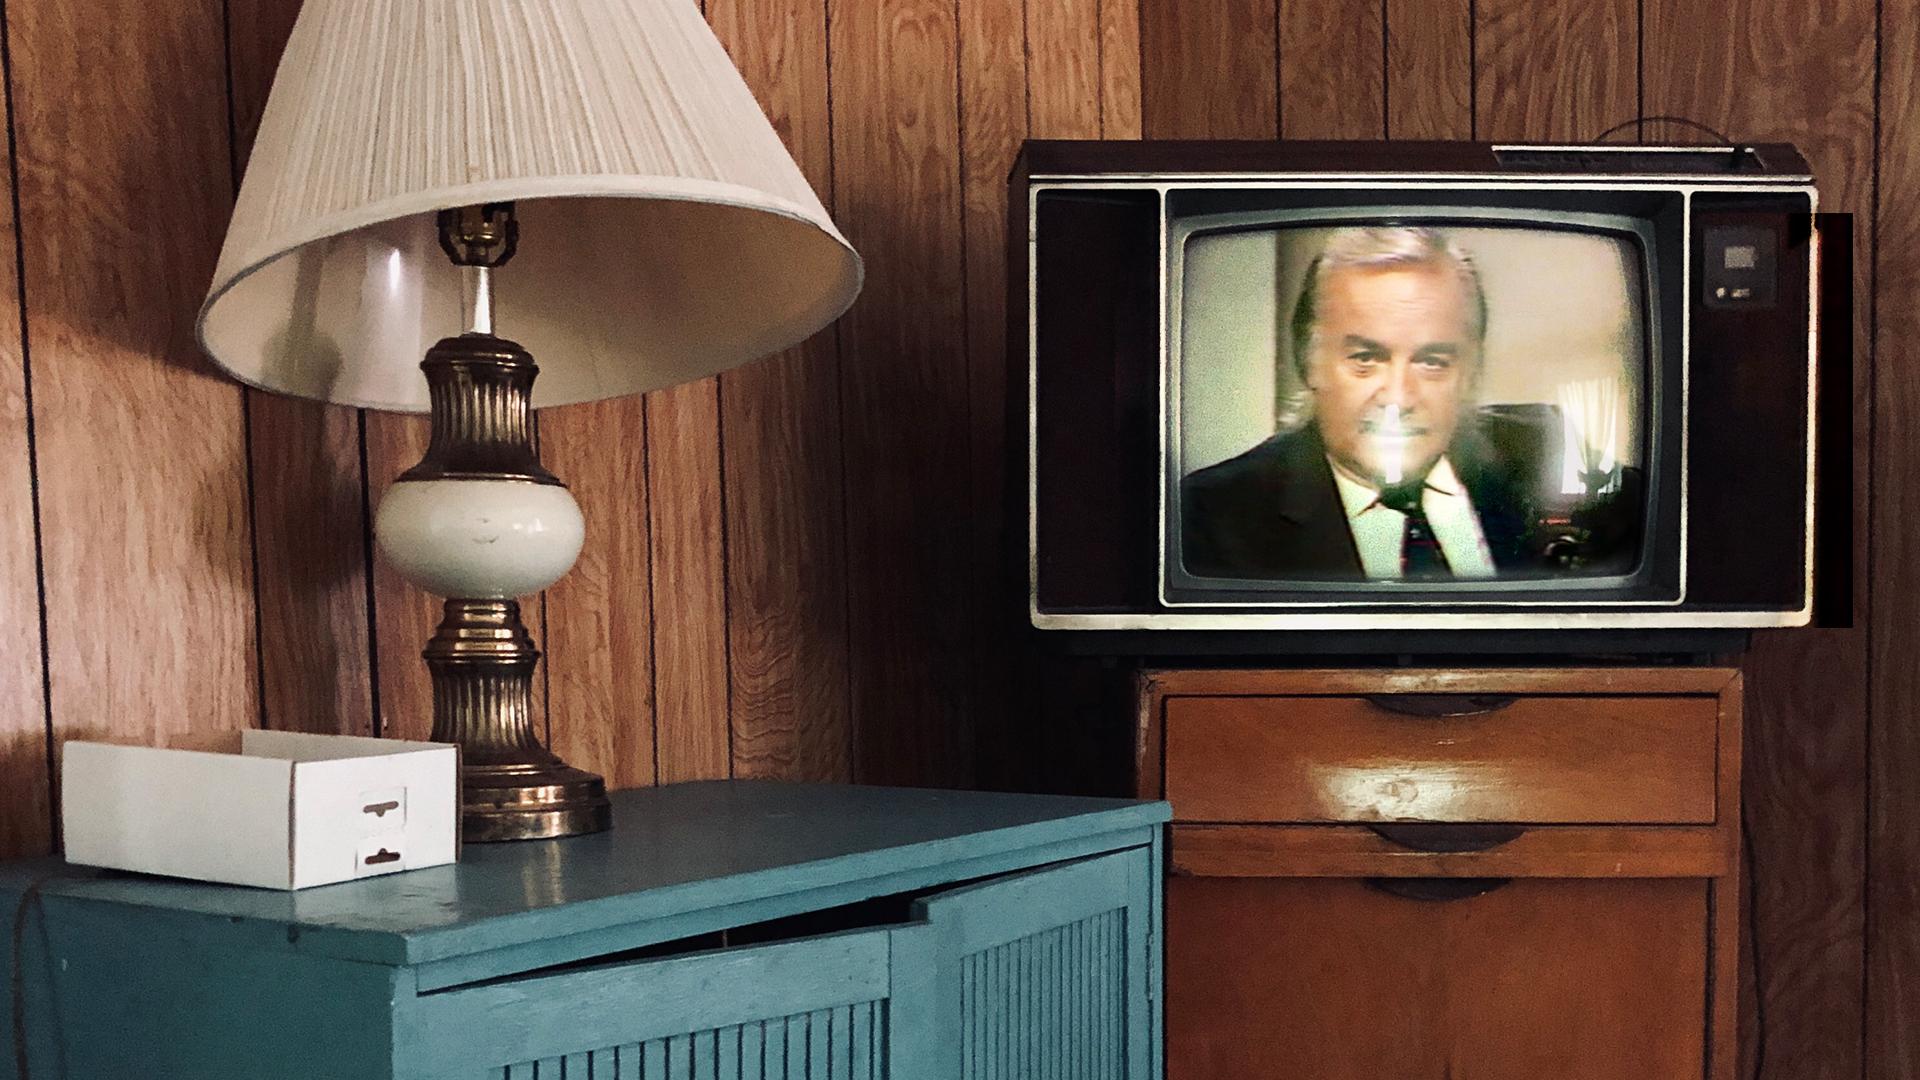 Ο «πατριάρχης» της ελληνικής τηλεόρασης που ξεχάστηκε από την ΕΡΤ